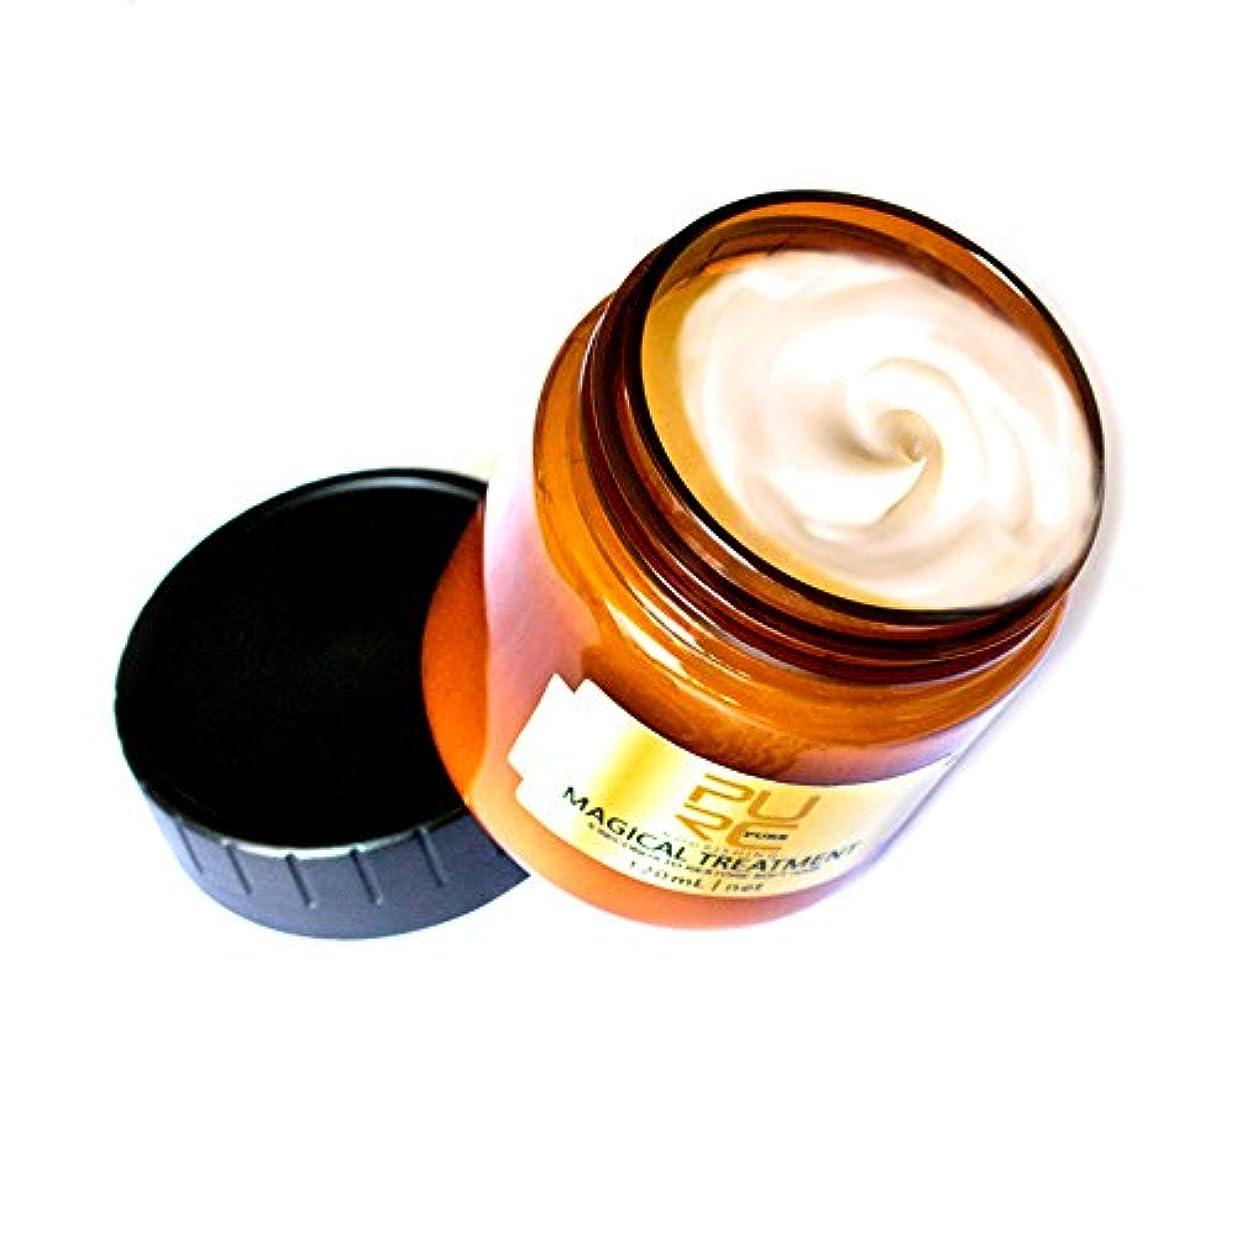 本気忌まわしい礼拝魔法のヘアマスク 先端技術 ケラチン成分 柔軟栄養マスク 潤いツヤツヤヘア復元 クセダメージにおさまり集中ケア 毛先までケア カラーストレートパーマにオススメ 乾燥髪が硬い太い広がる人ぴったり パサつきがなくなり (60ml)